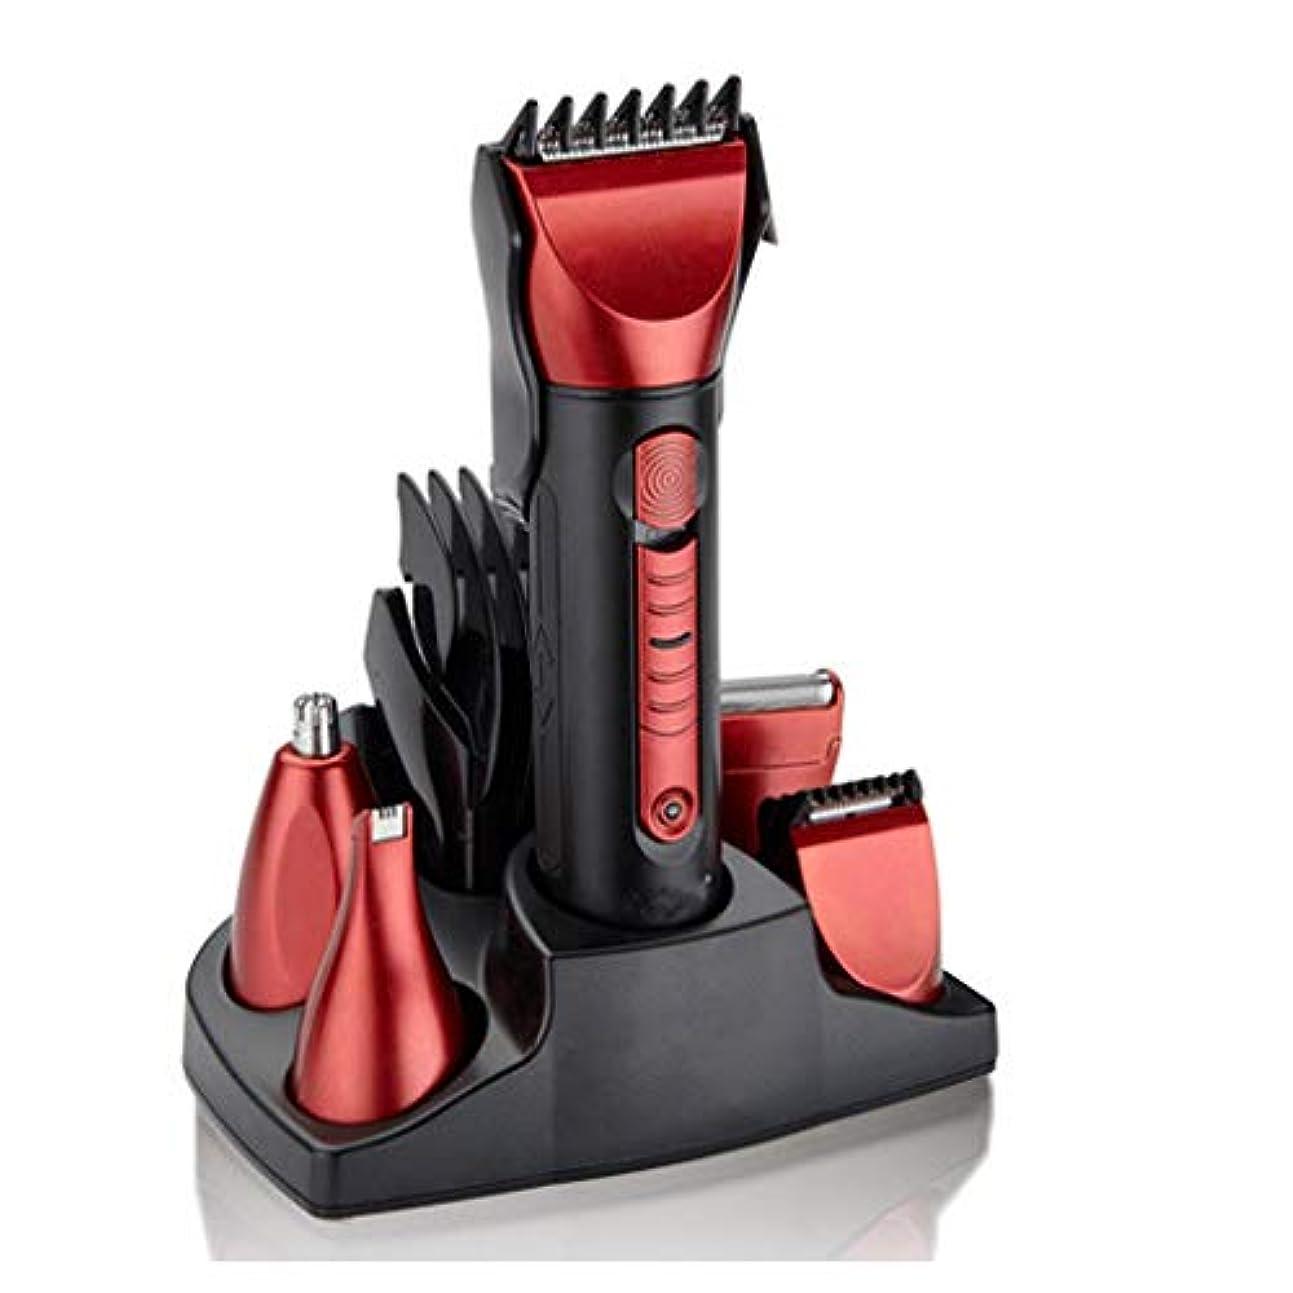 電動トリマーセット/メンズバリカン/かみそり/鼻毛トリム、コードレス充電、多機能ファイブインワン